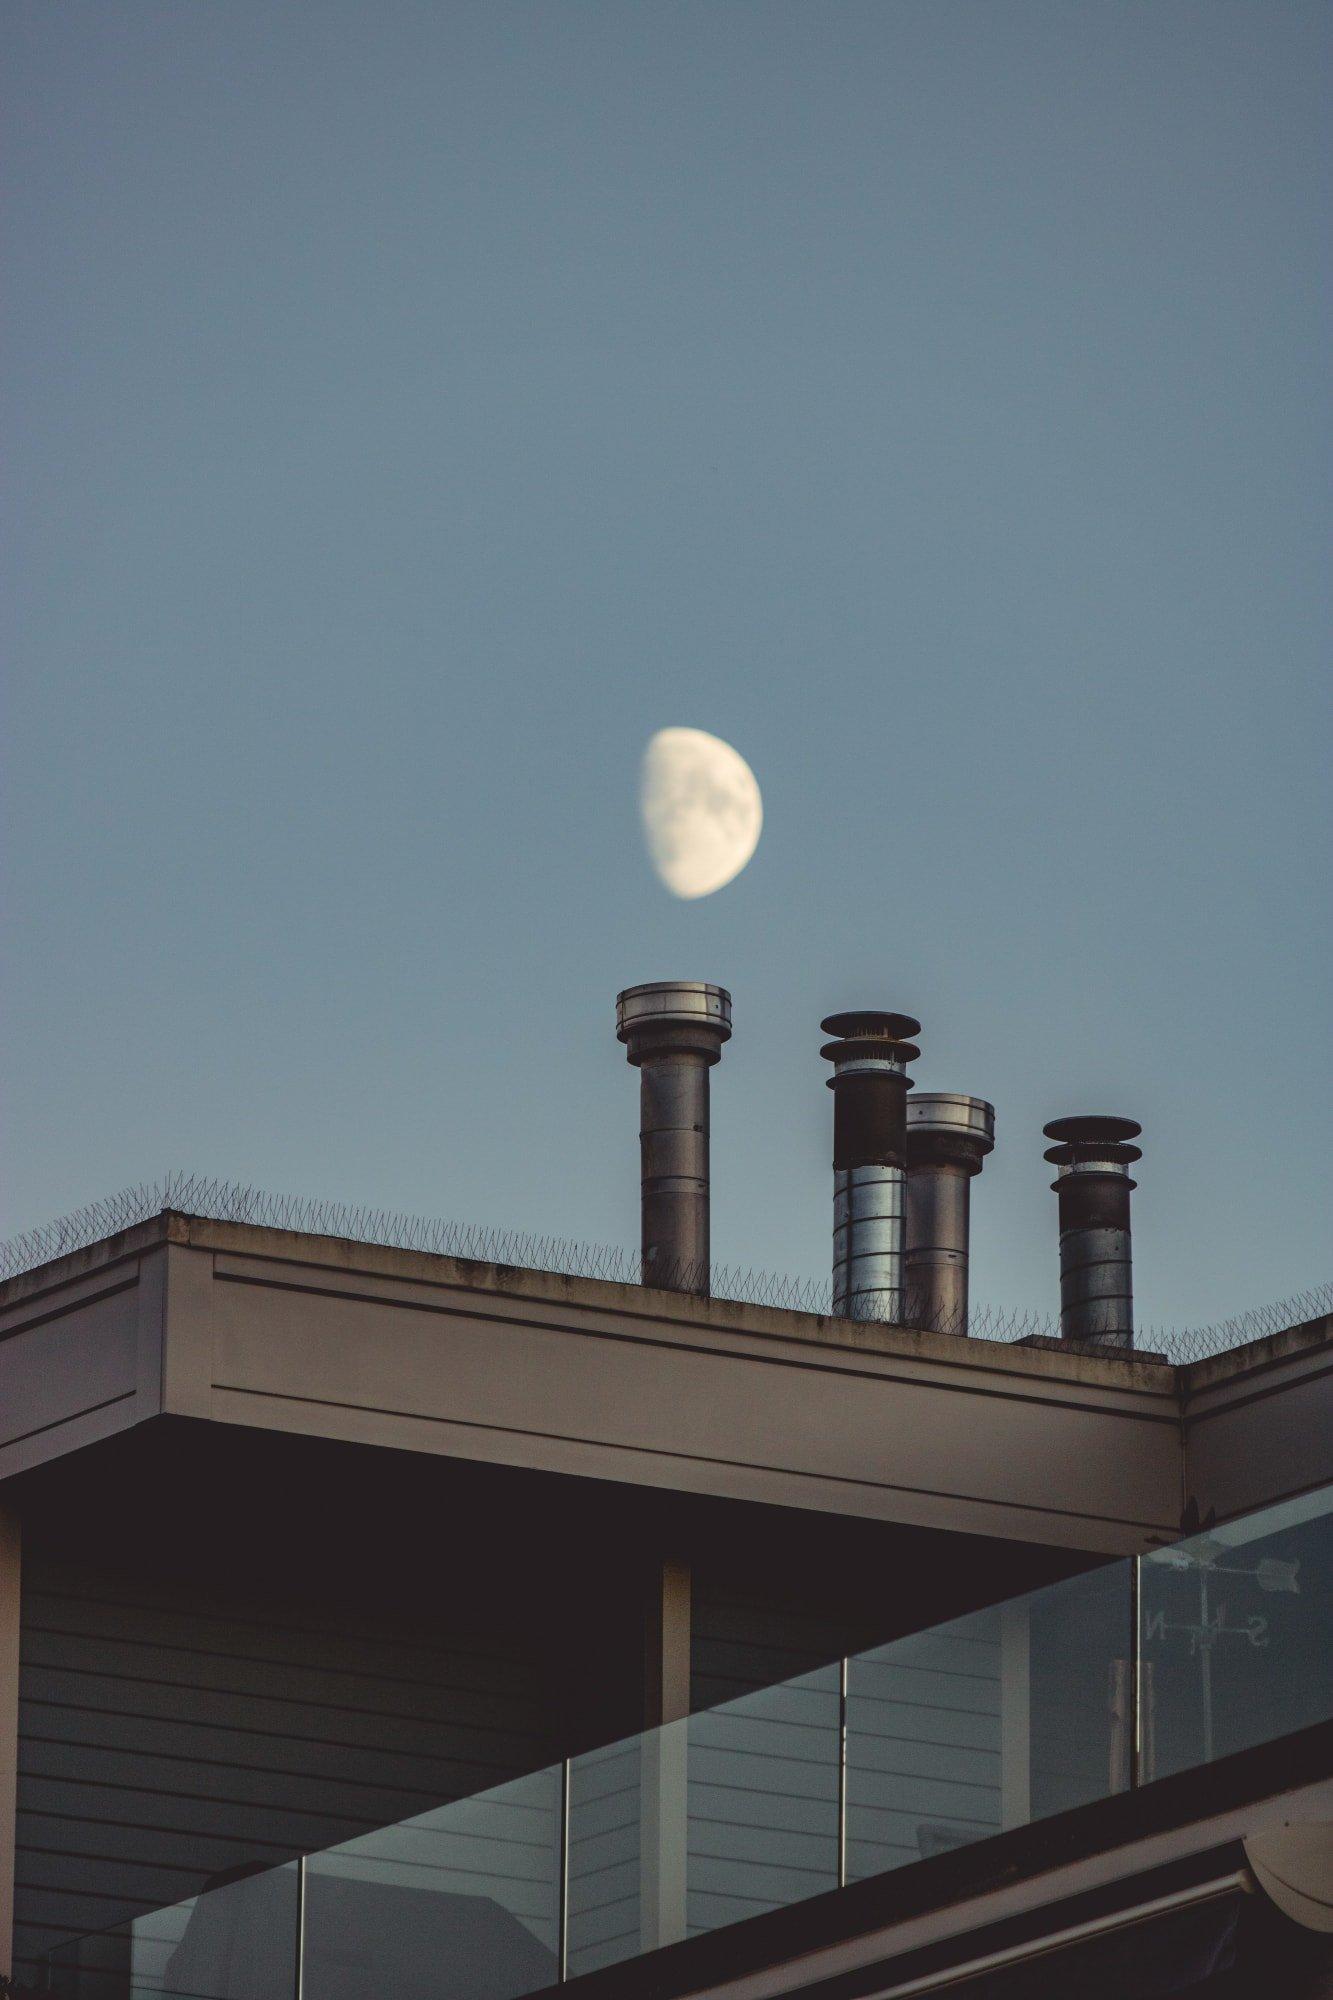 Komíny na střeše měsíc v pozadí